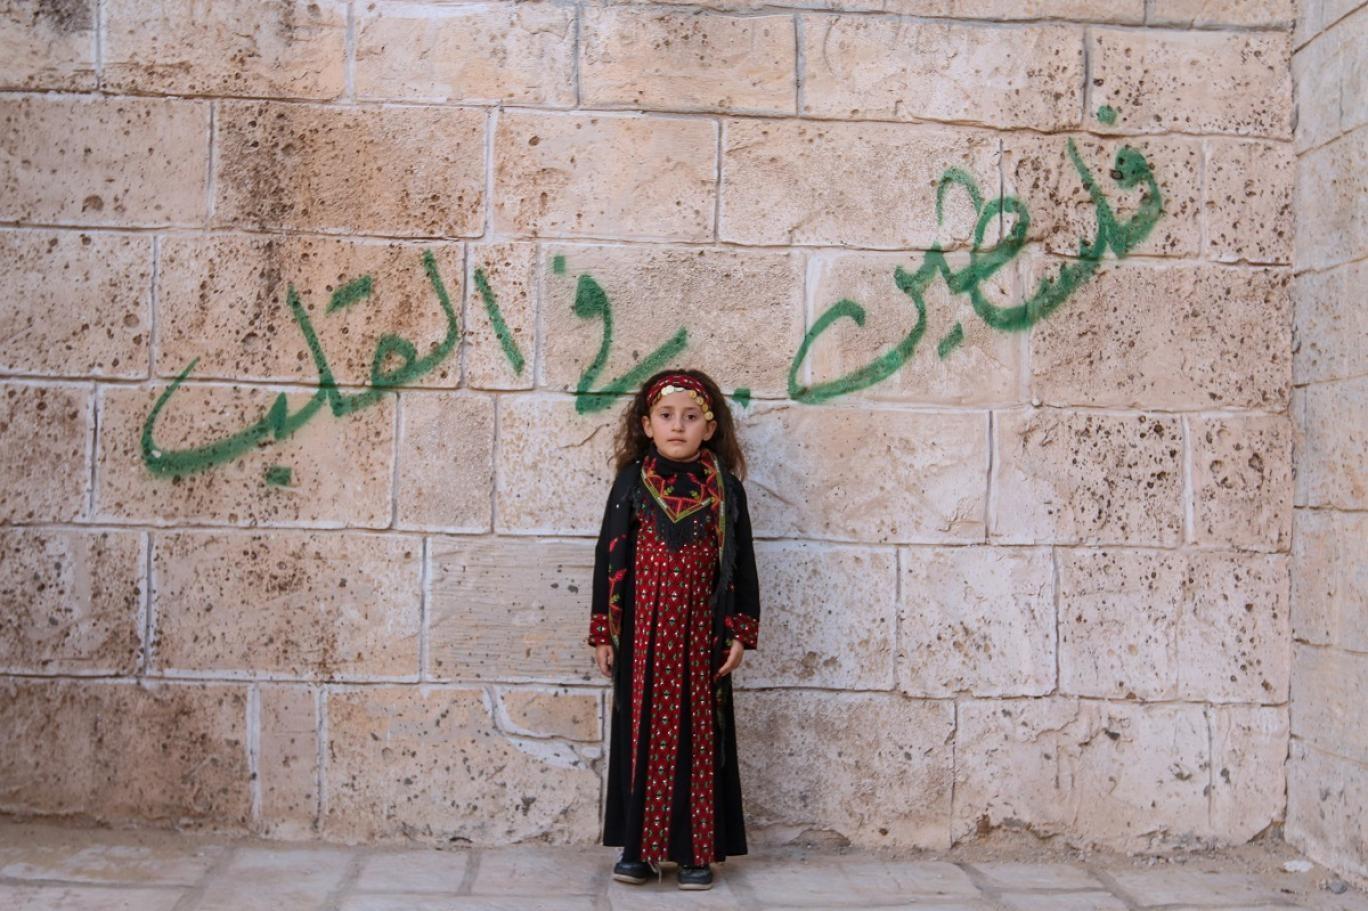 أزمة مالية خانقة تغيّب الدراما الفلسطينية عن الشاشات في رمضان